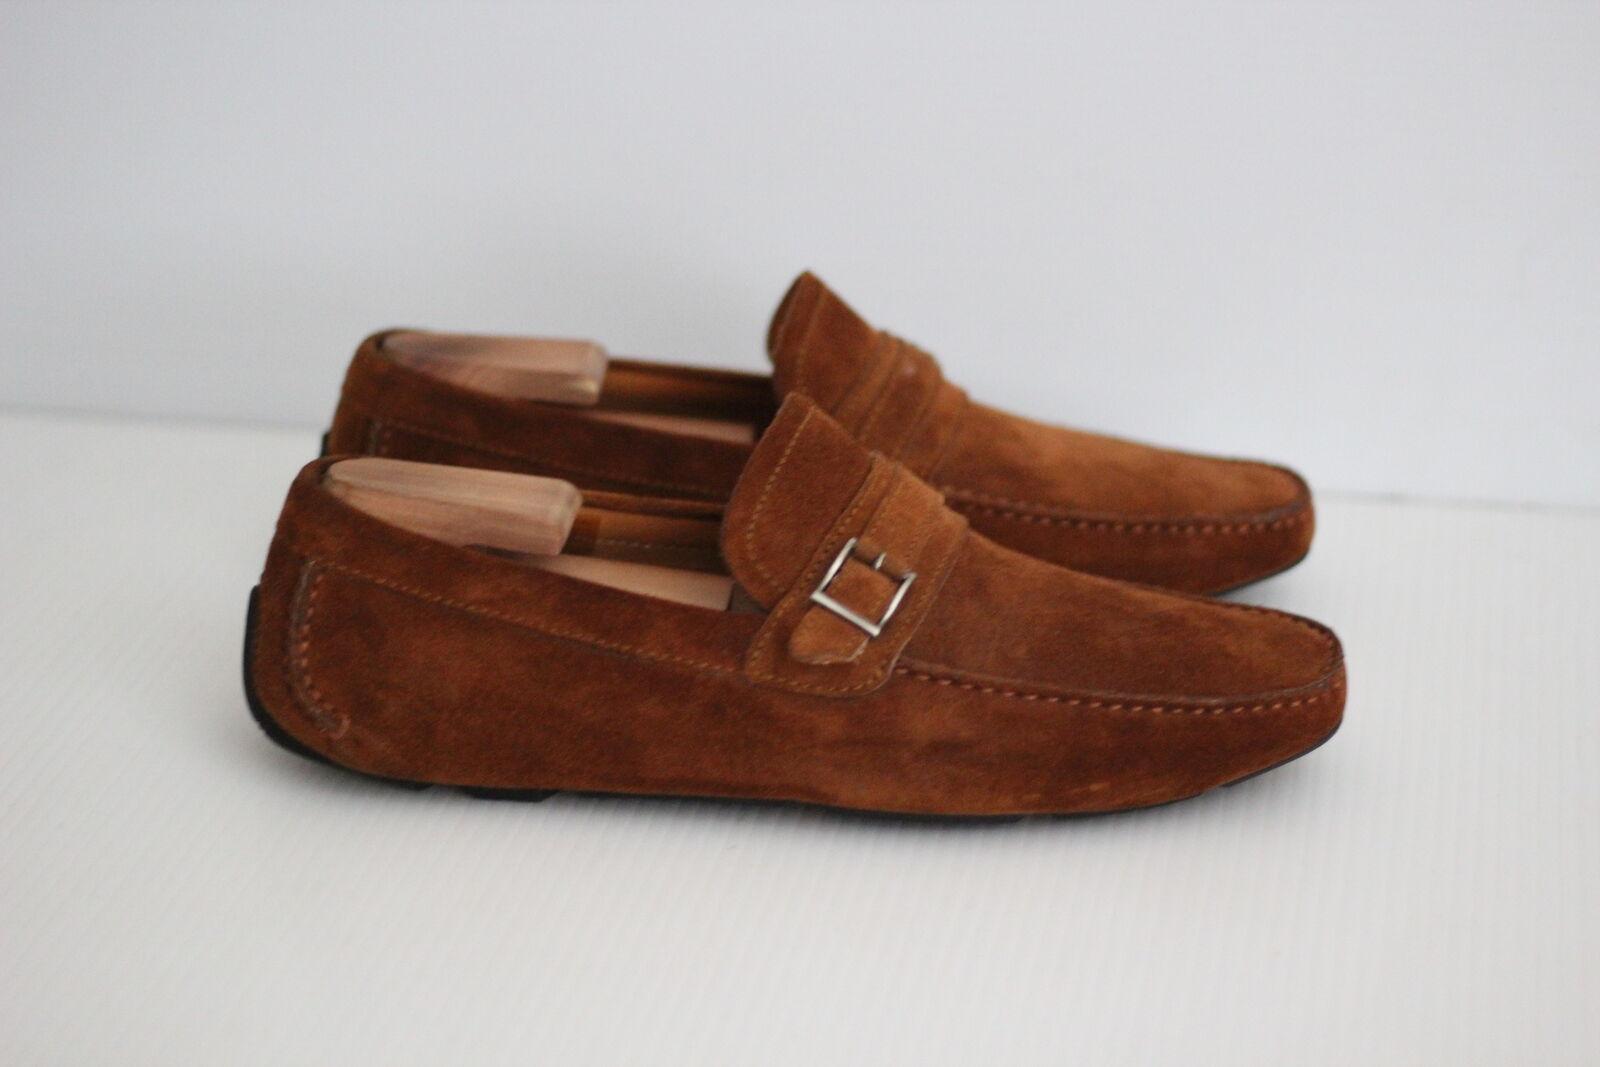 vendita con alto sconto Magnanni Flamenco Driving Loafer scarpe Slip On On On - Cognac Marrone - 10 M - 17159 (M2)  ampia selezione